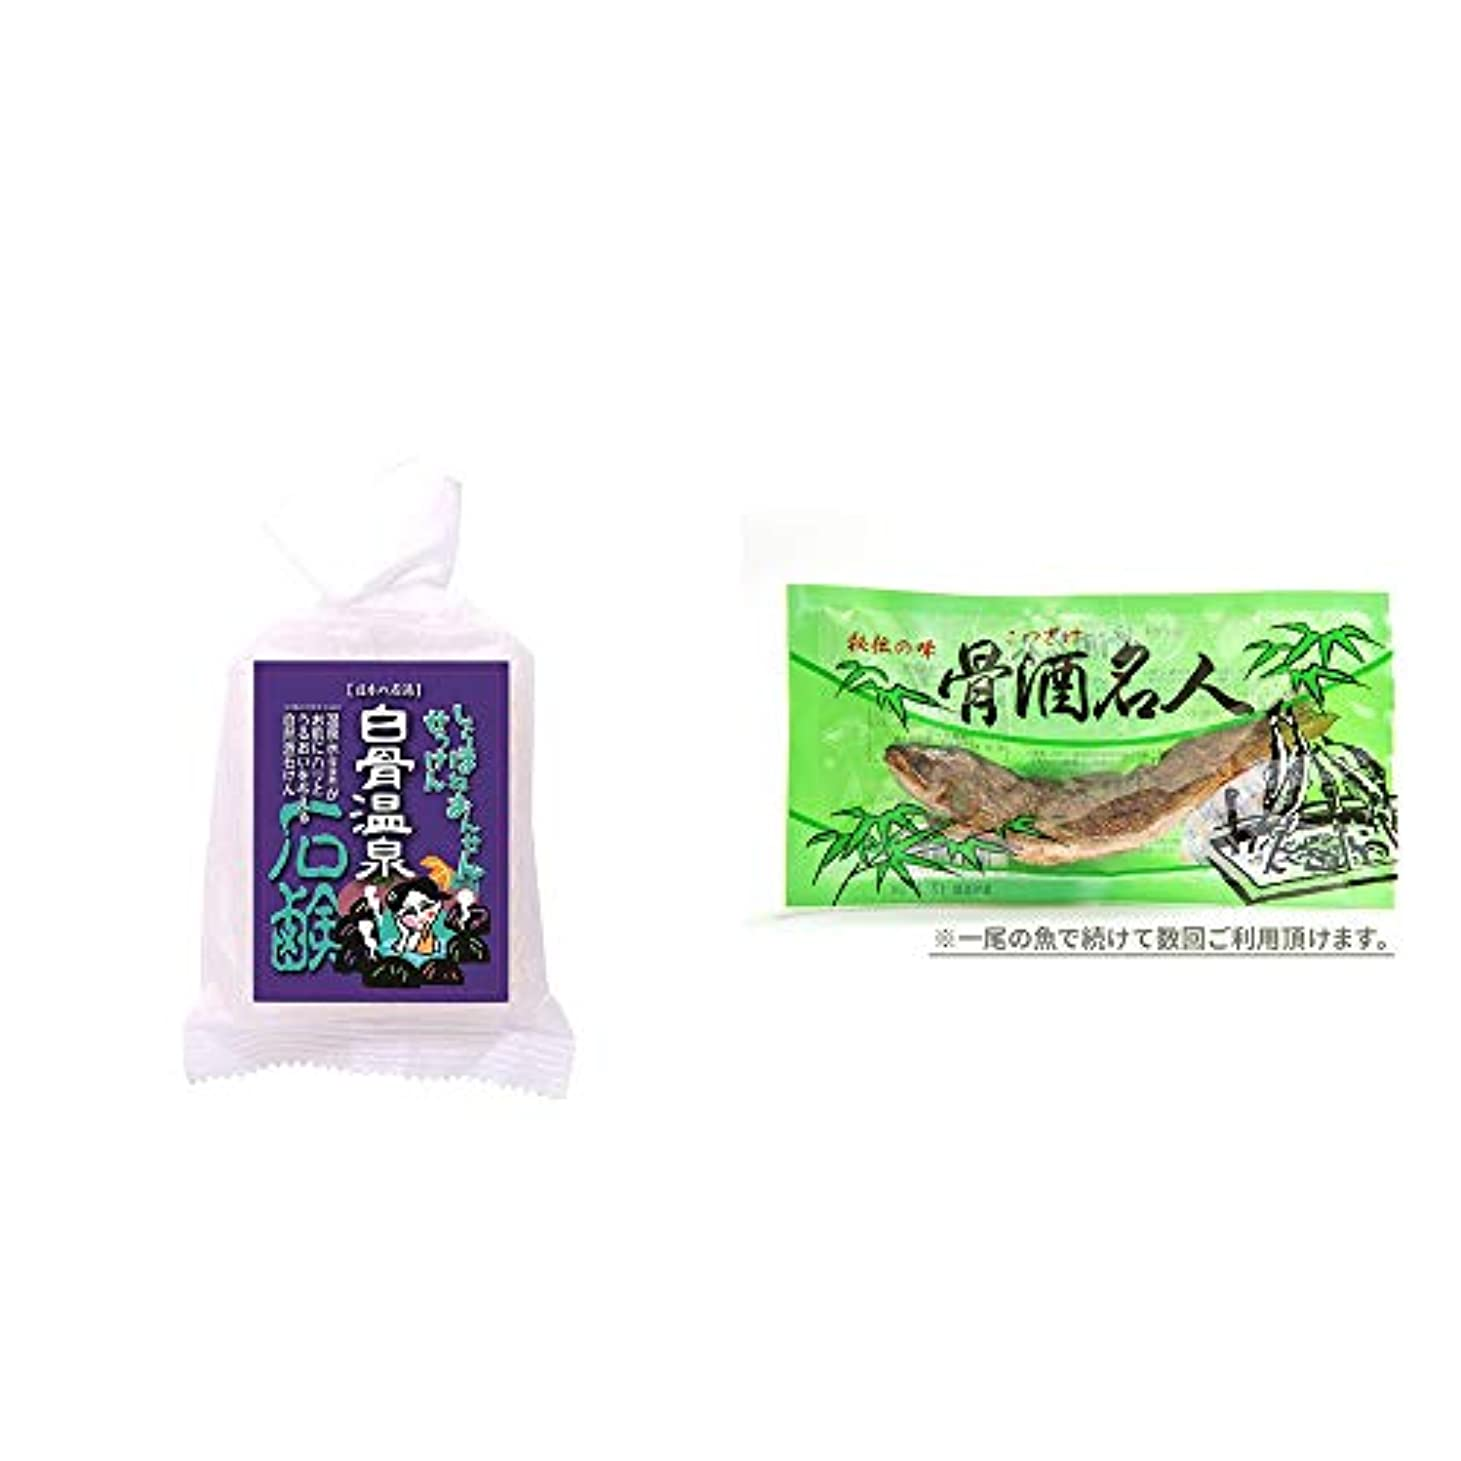 突撃勝者泣き叫ぶ[2点セット] 信州 白骨温泉石鹸(80g)?骨酒名人(一尾)